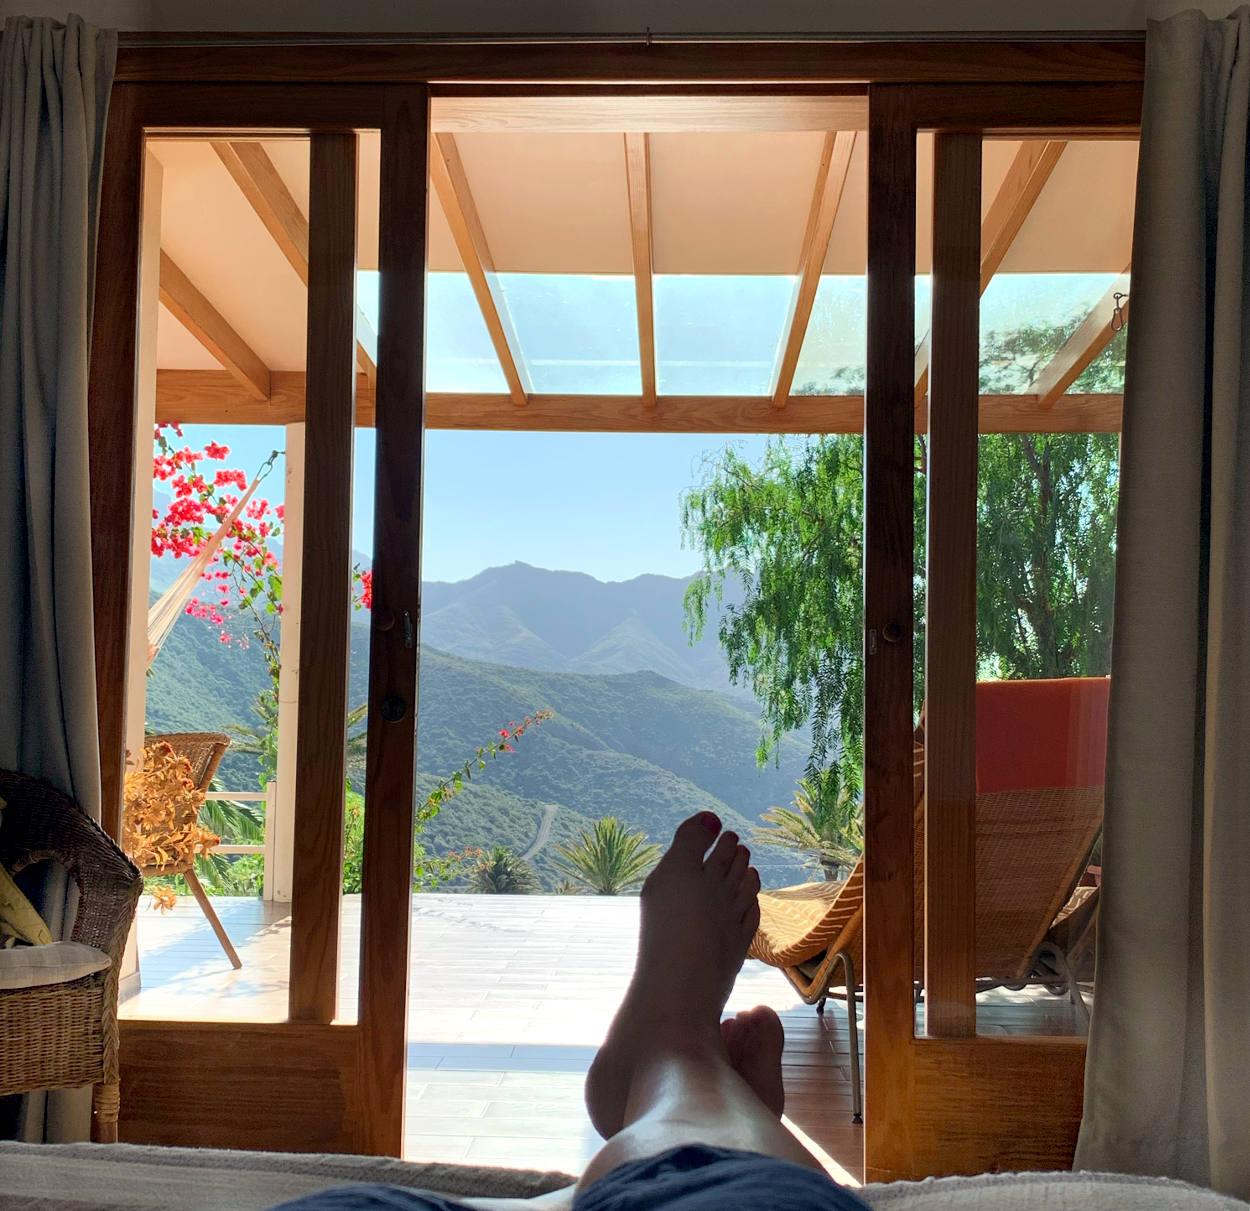 Füße, dahinter eine Terrassentür, dahinter grüne Berge und Sonnenschein.